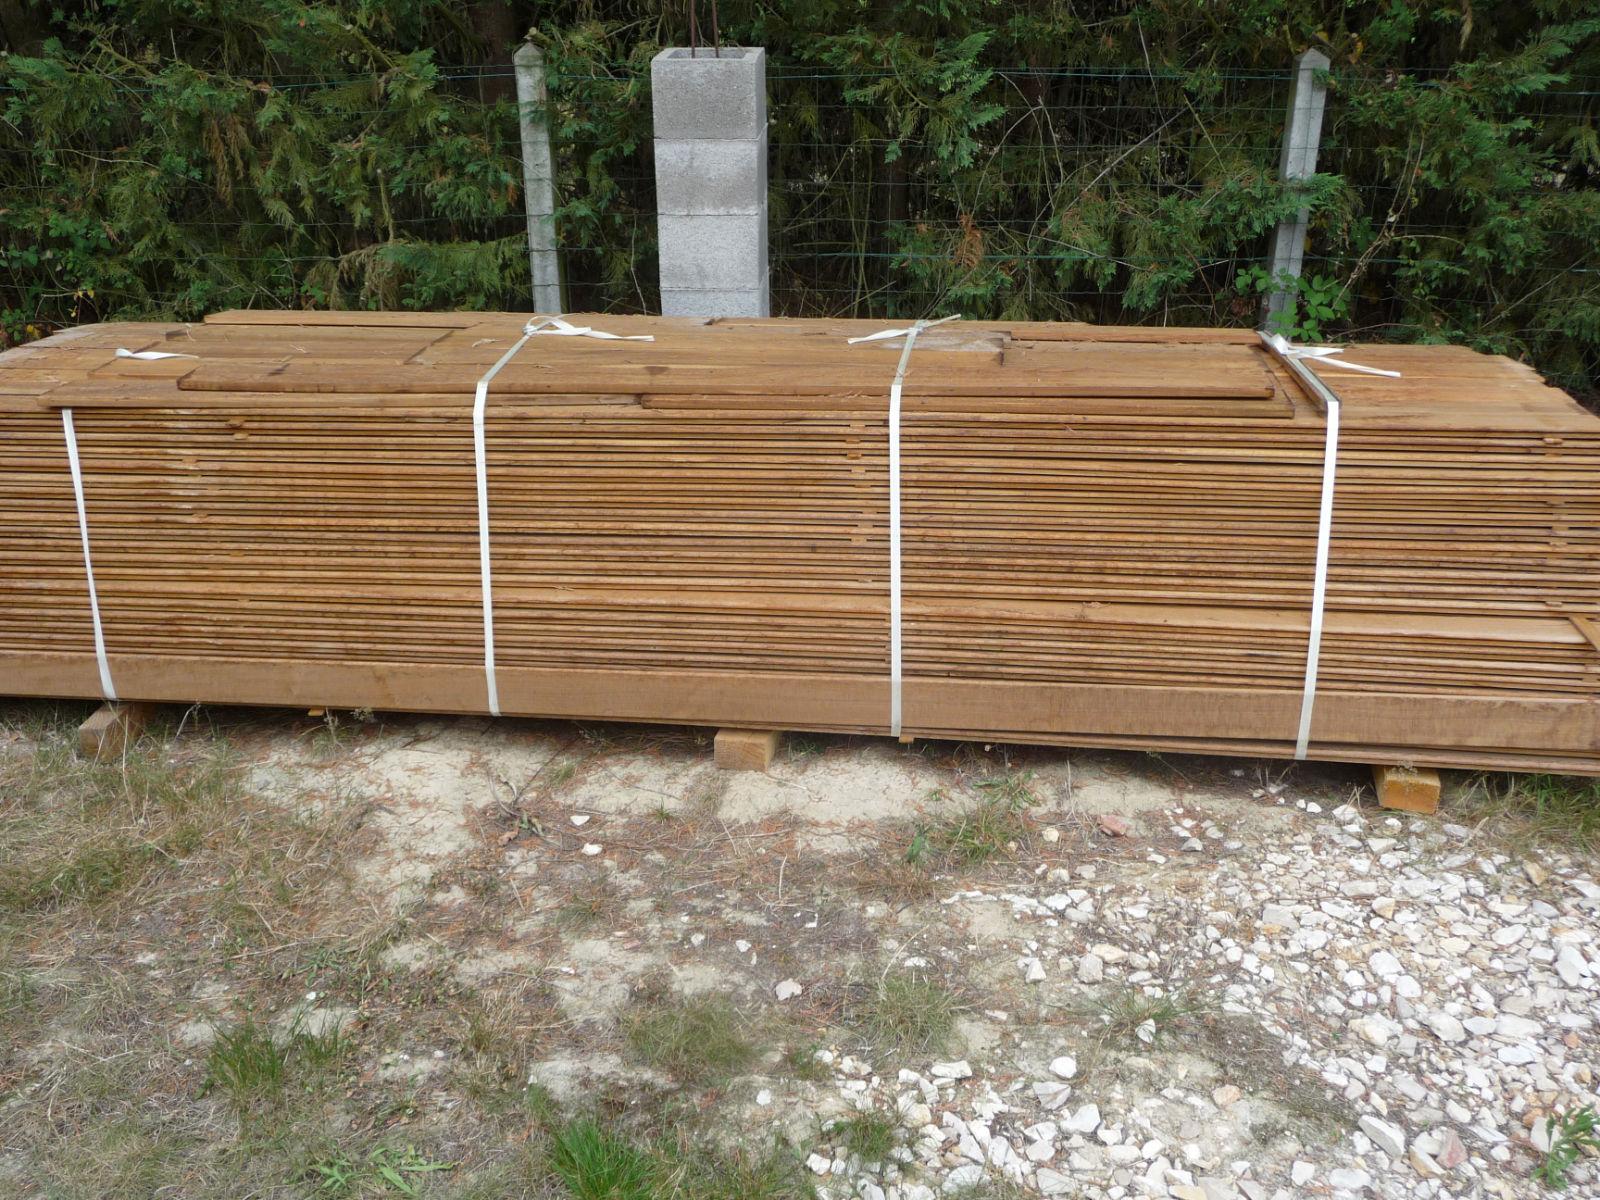 construire une terrasse en bois sur plots beton diverses id es de conception de. Black Bedroom Furniture Sets. Home Design Ideas